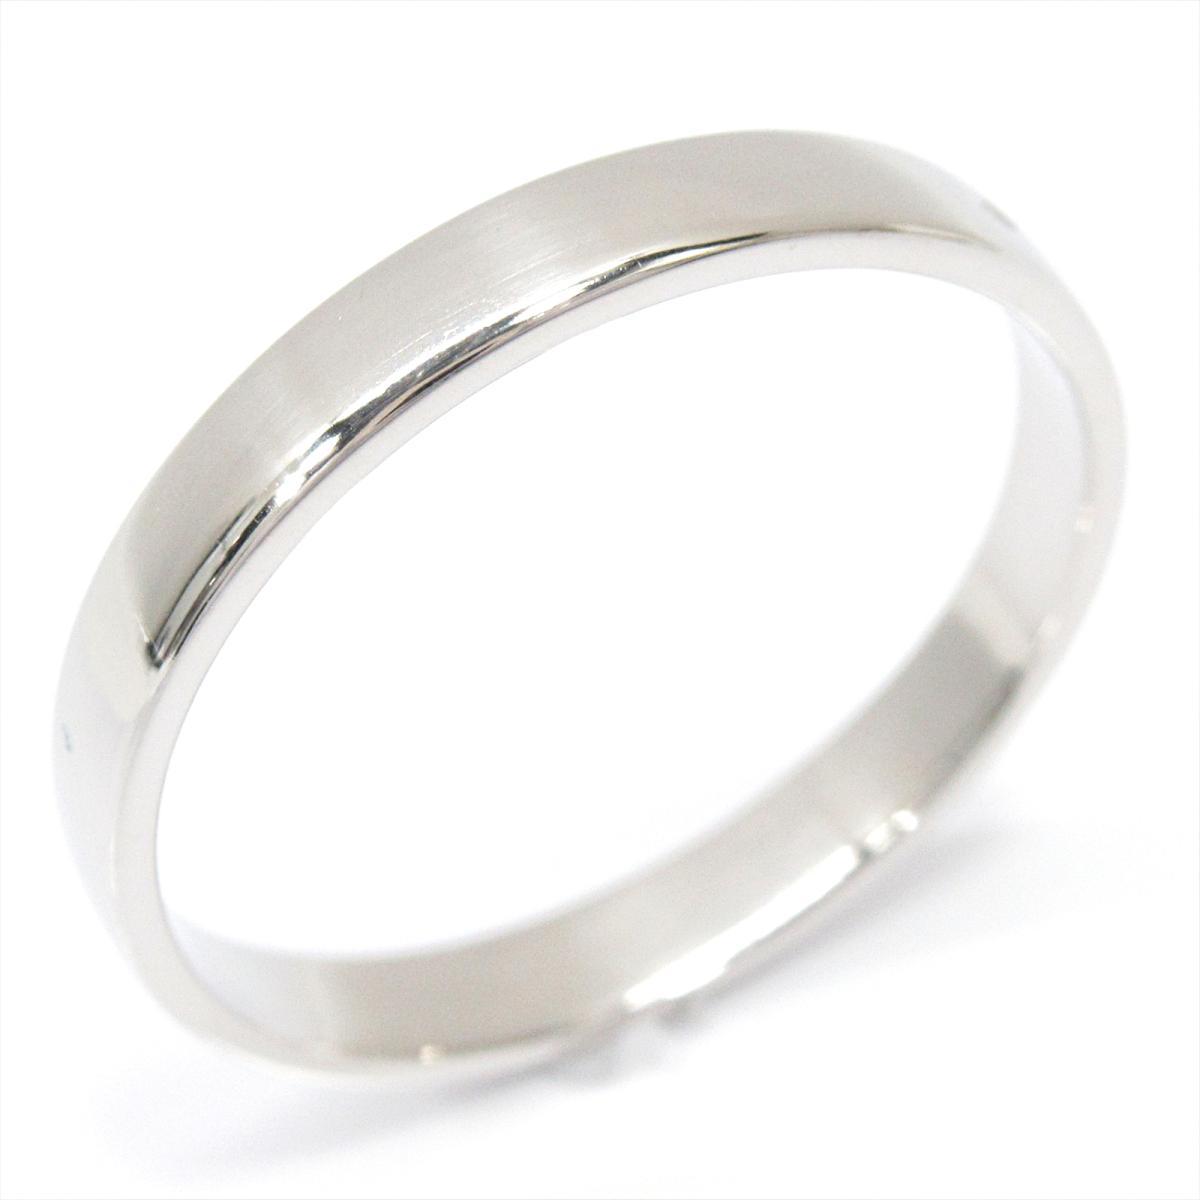 【中古】 シャネル デザインリング 指輪 メンズ レディース PT950 プラチナ | CHANEL BRANDOFF ブランドオフ ブランド ジュエリー アクセサリー リング